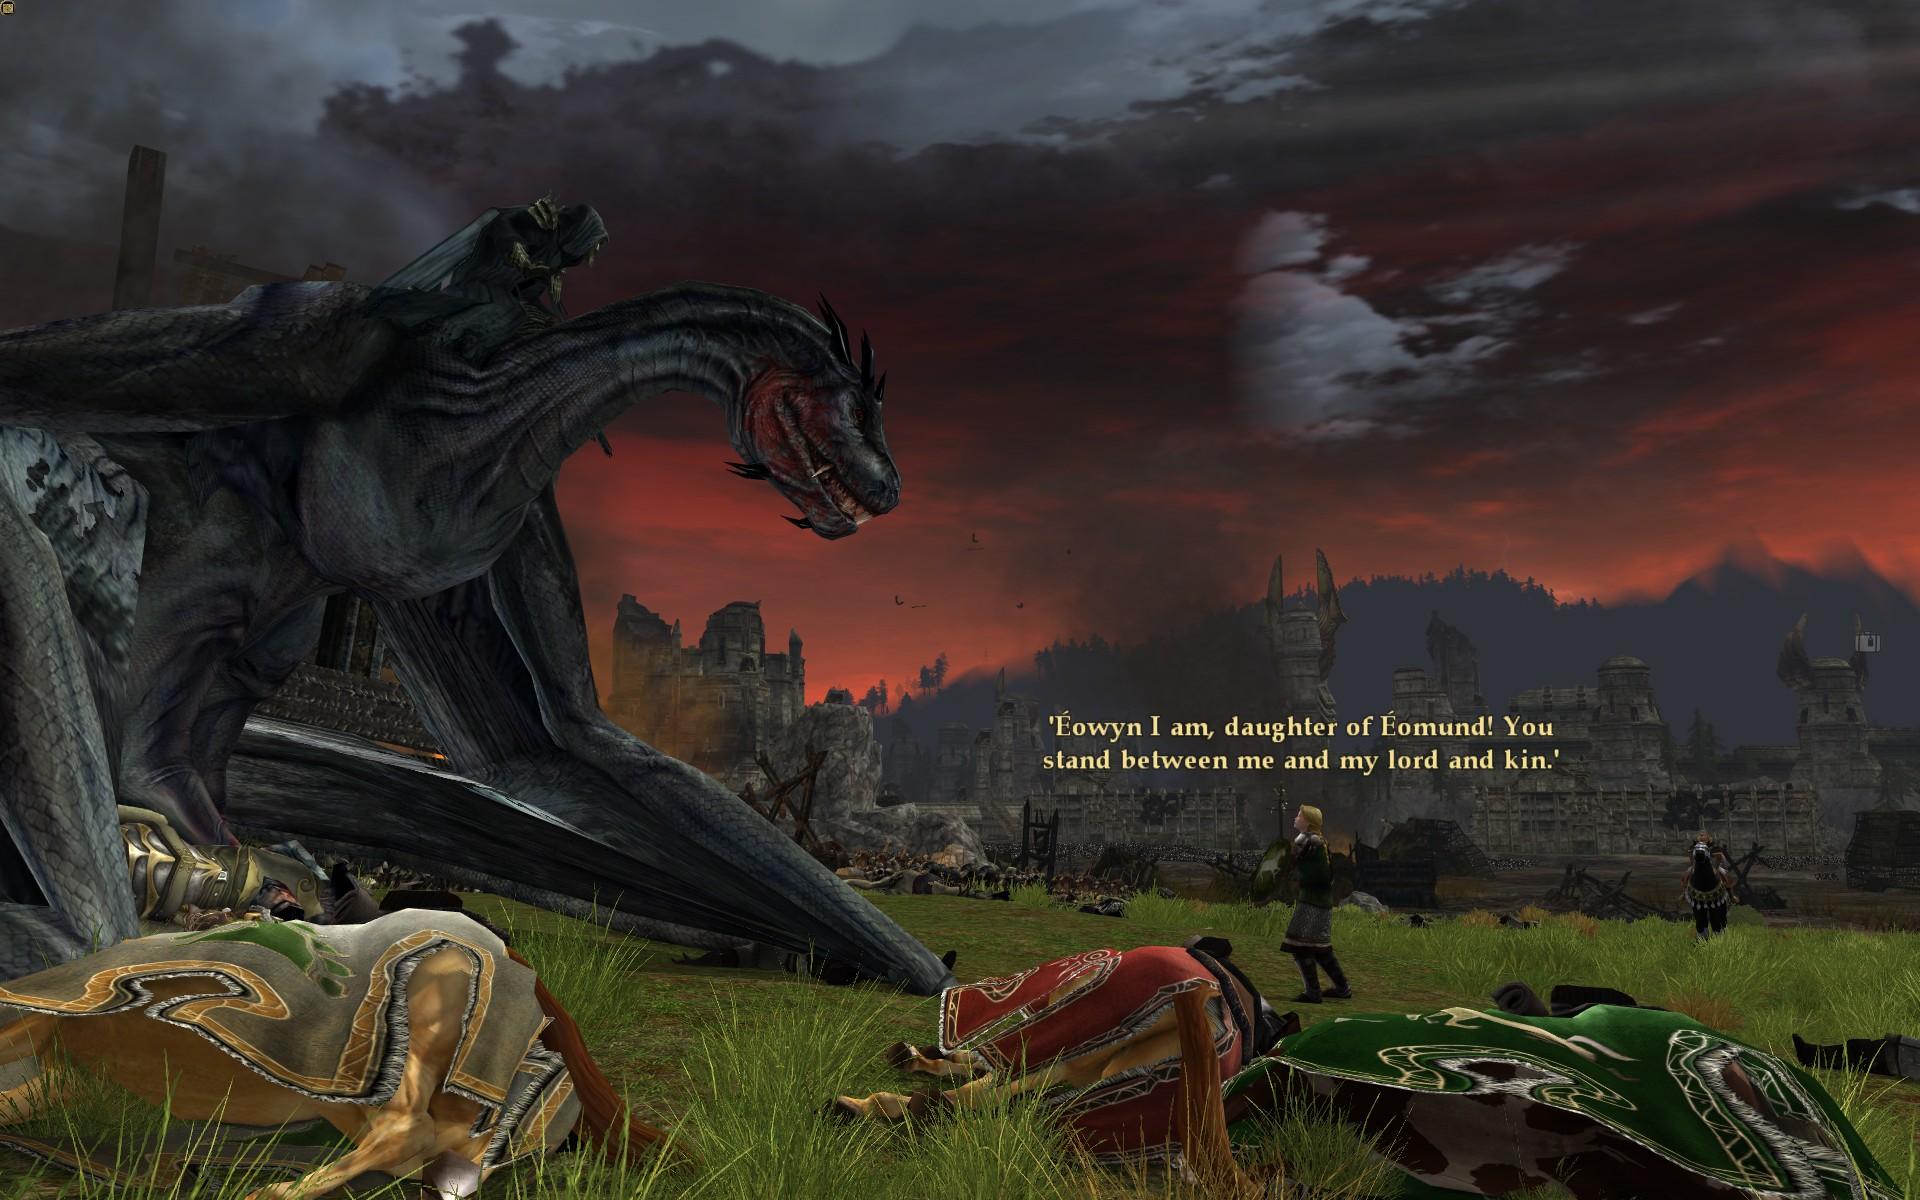 『ロード・オブ・ザ・リングス オンライン』における、ペレンノール野の合戦での恐るべき獣に乗った魔王とエオウィン